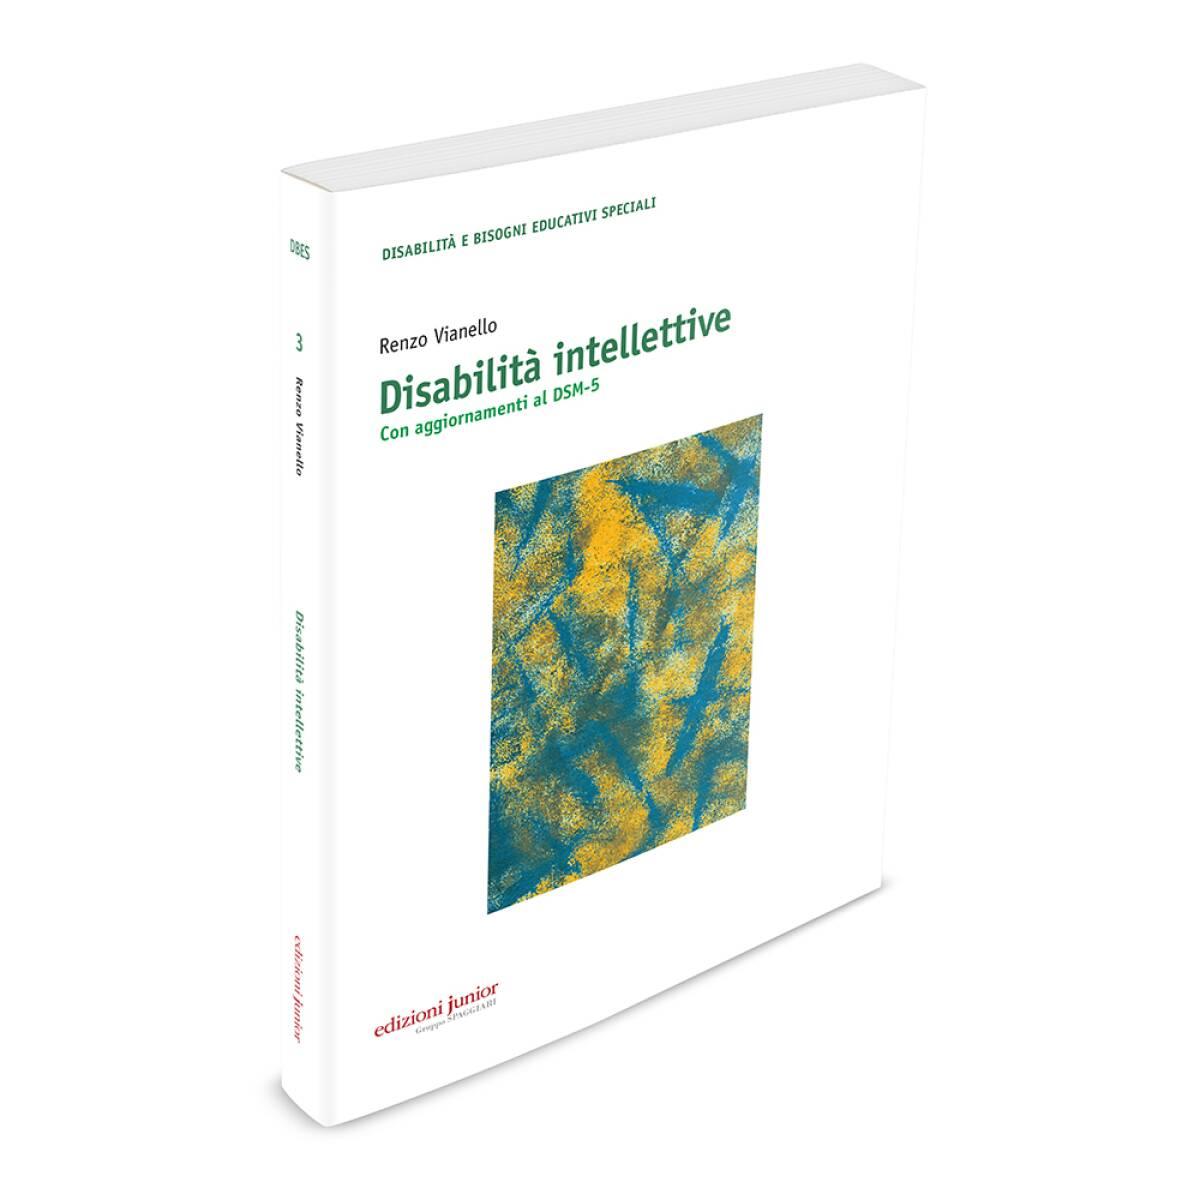 Disabilità intellettive